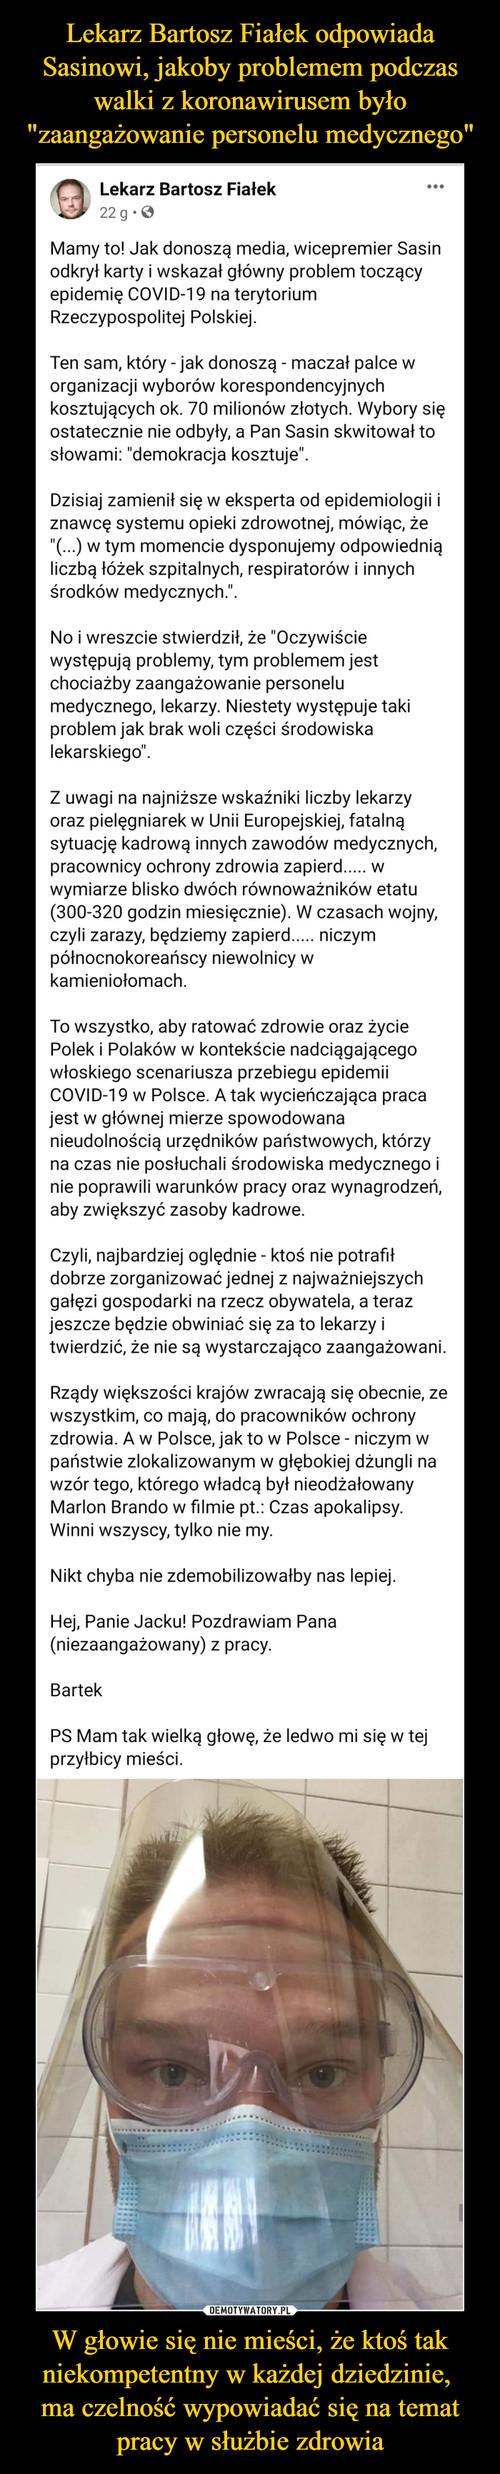 """Lekarz Bartosz Fiałek odpowiada Sasinowi, jakoby problemem podczas walki z koronawirusem było """"zaangażowanie personelu medycznego"""" W głowie się nie mieści, że ktoś tak niekompetentny w każdej dziedzinie,  ma czelność wypowiadać się na temat pracy w służbie zdrowia"""